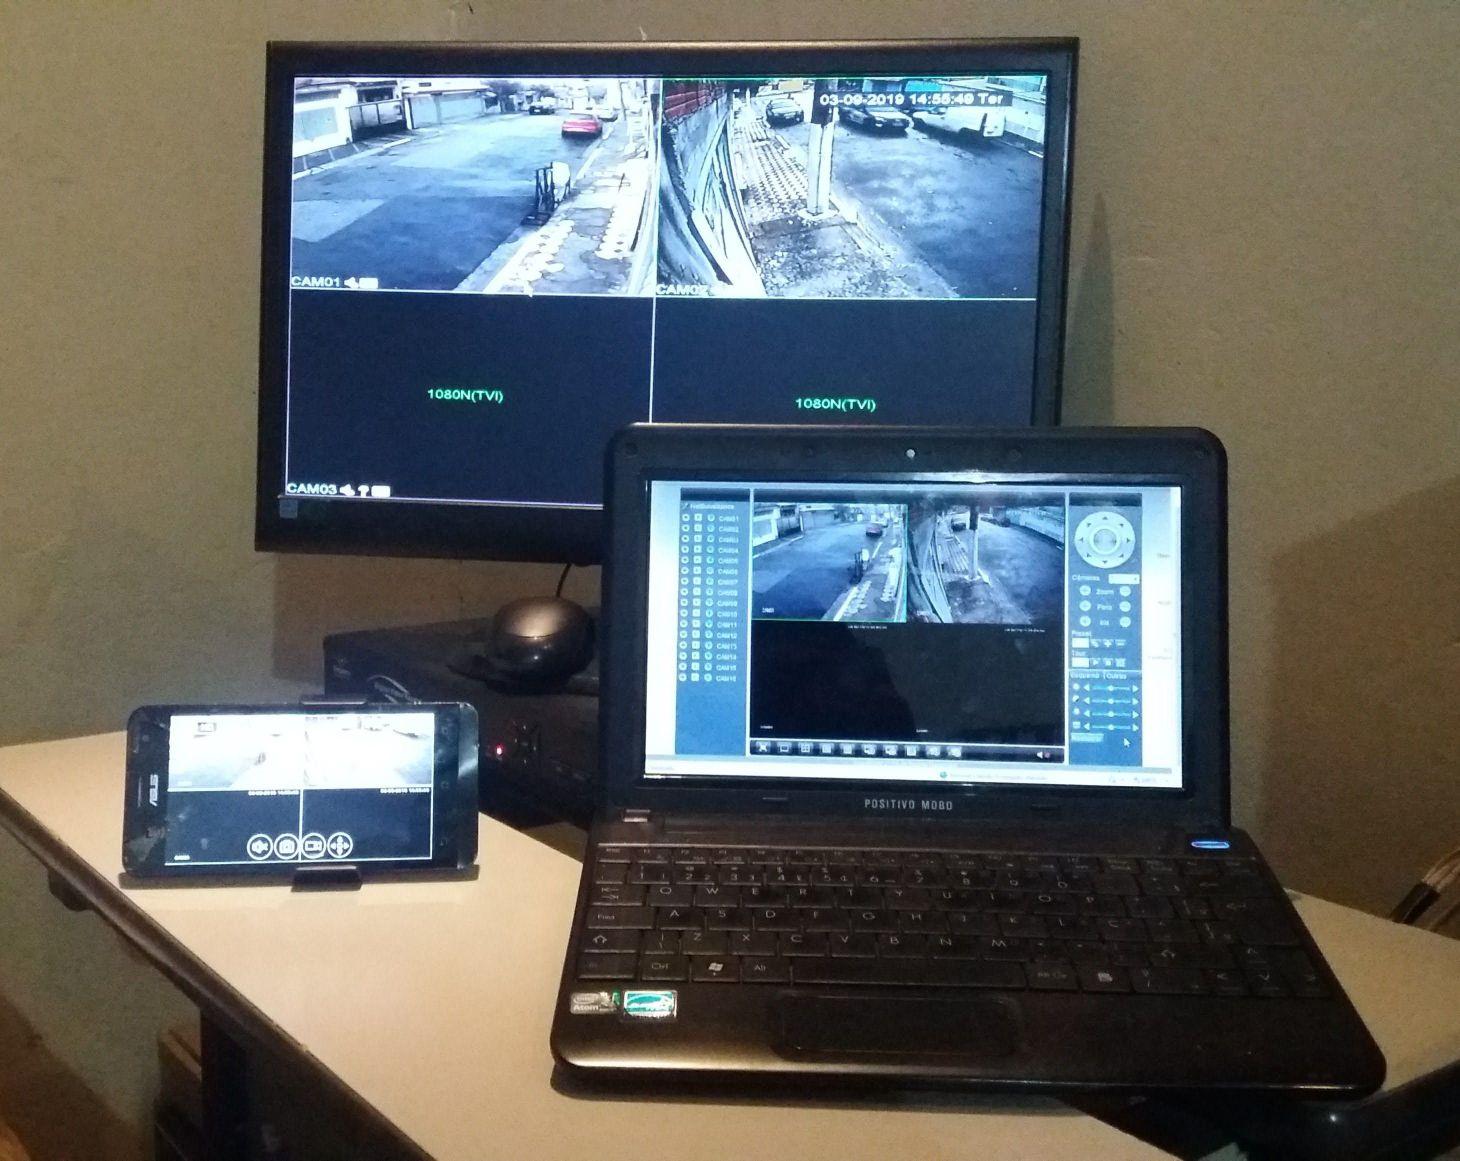 Monitoramento de câmeras: PC, Celular e TV.